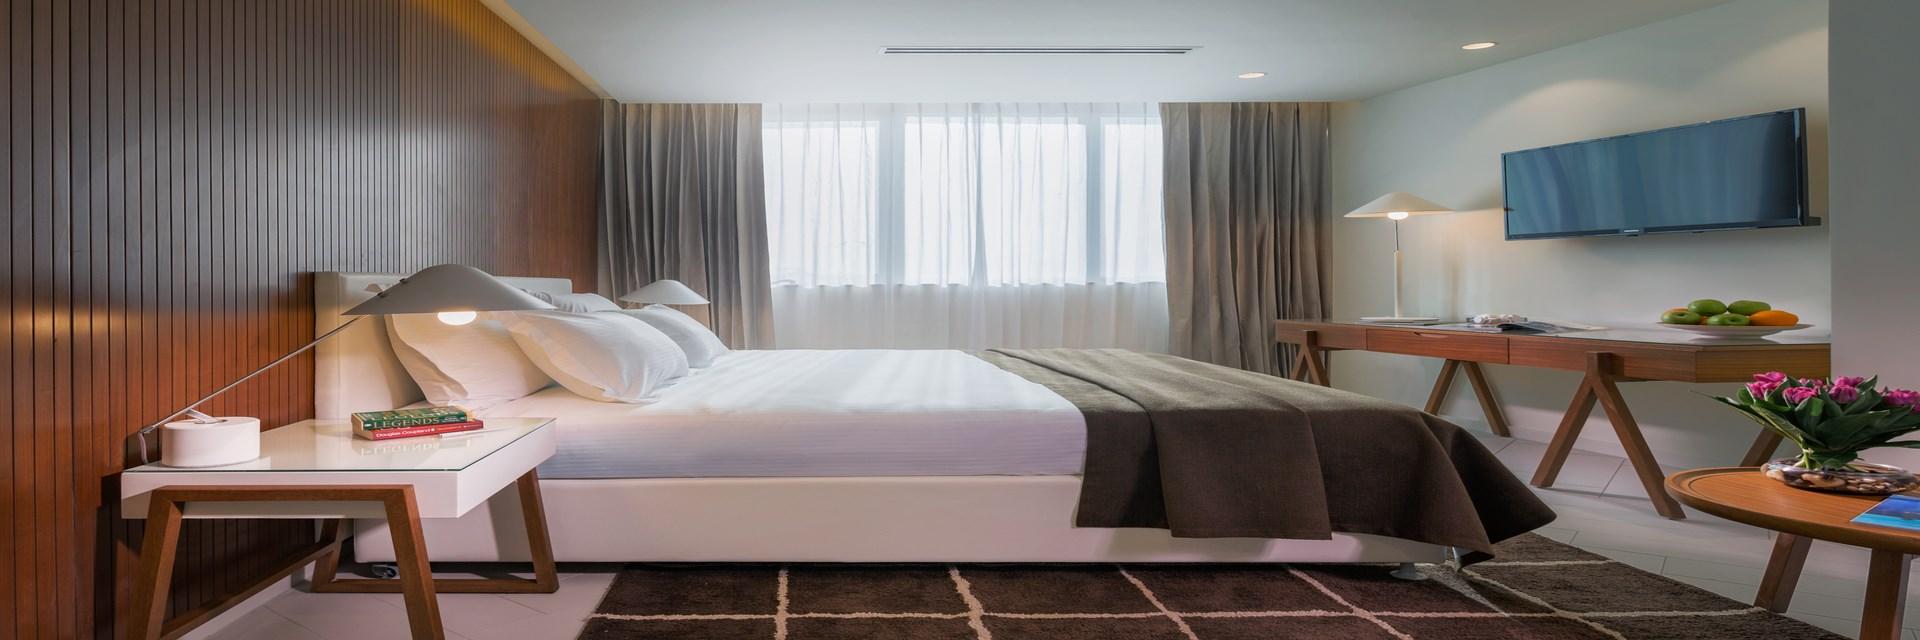 普瑞玛千禧酒店 - Classic Room